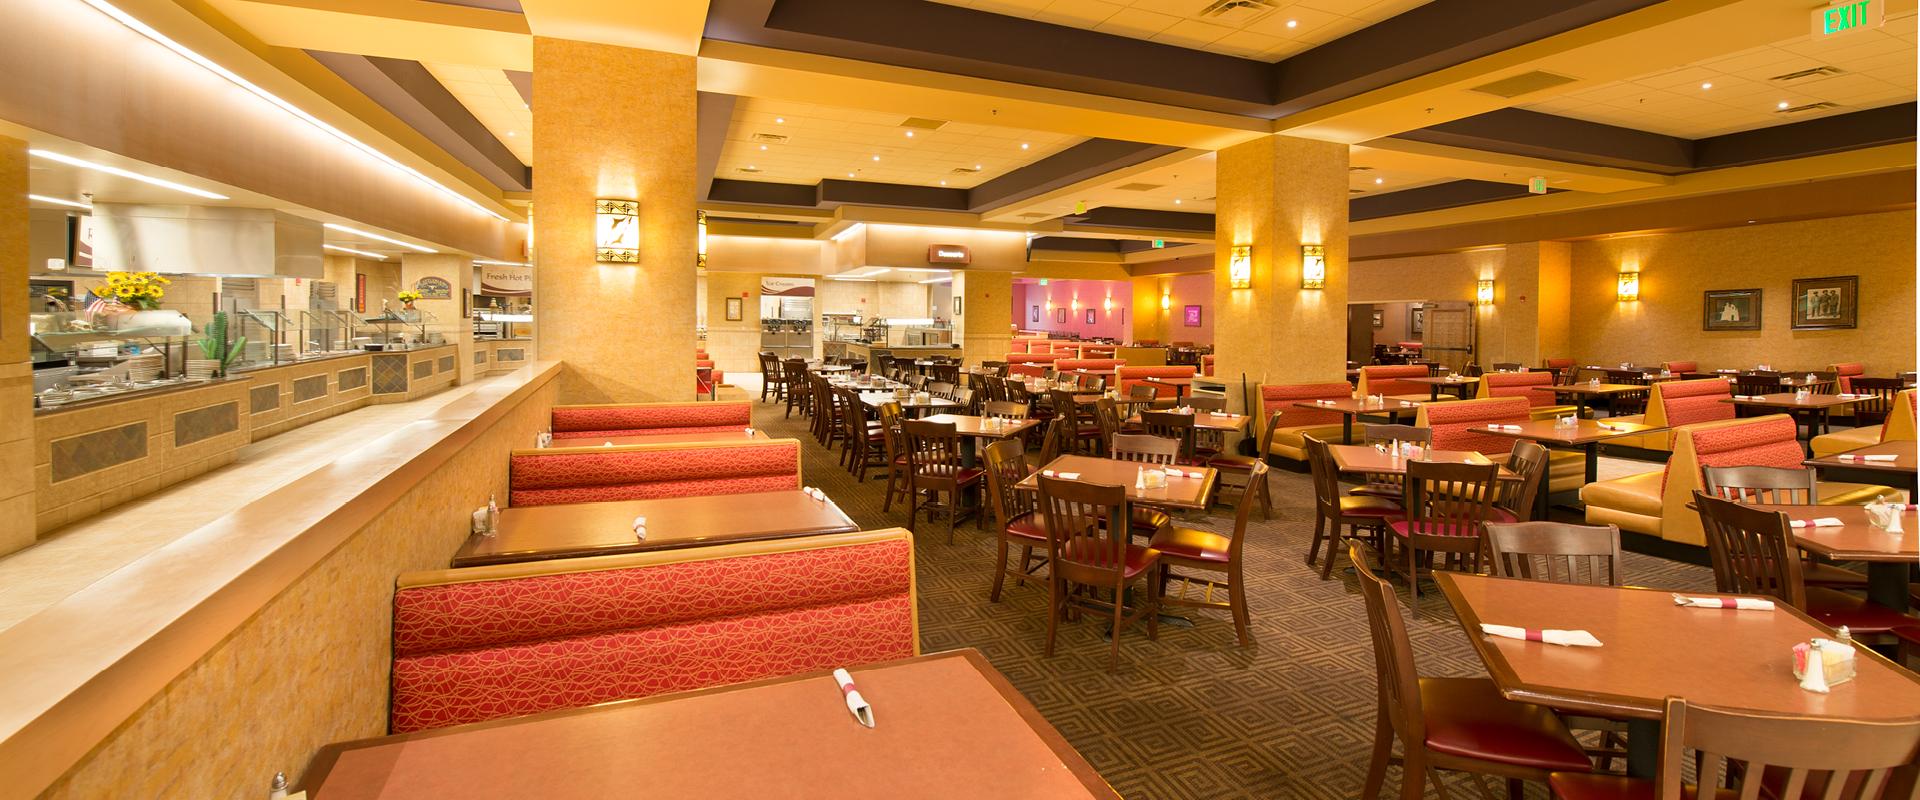 thur shan buffet albuquerque buffet specials sandia casino rh sandiacasino com